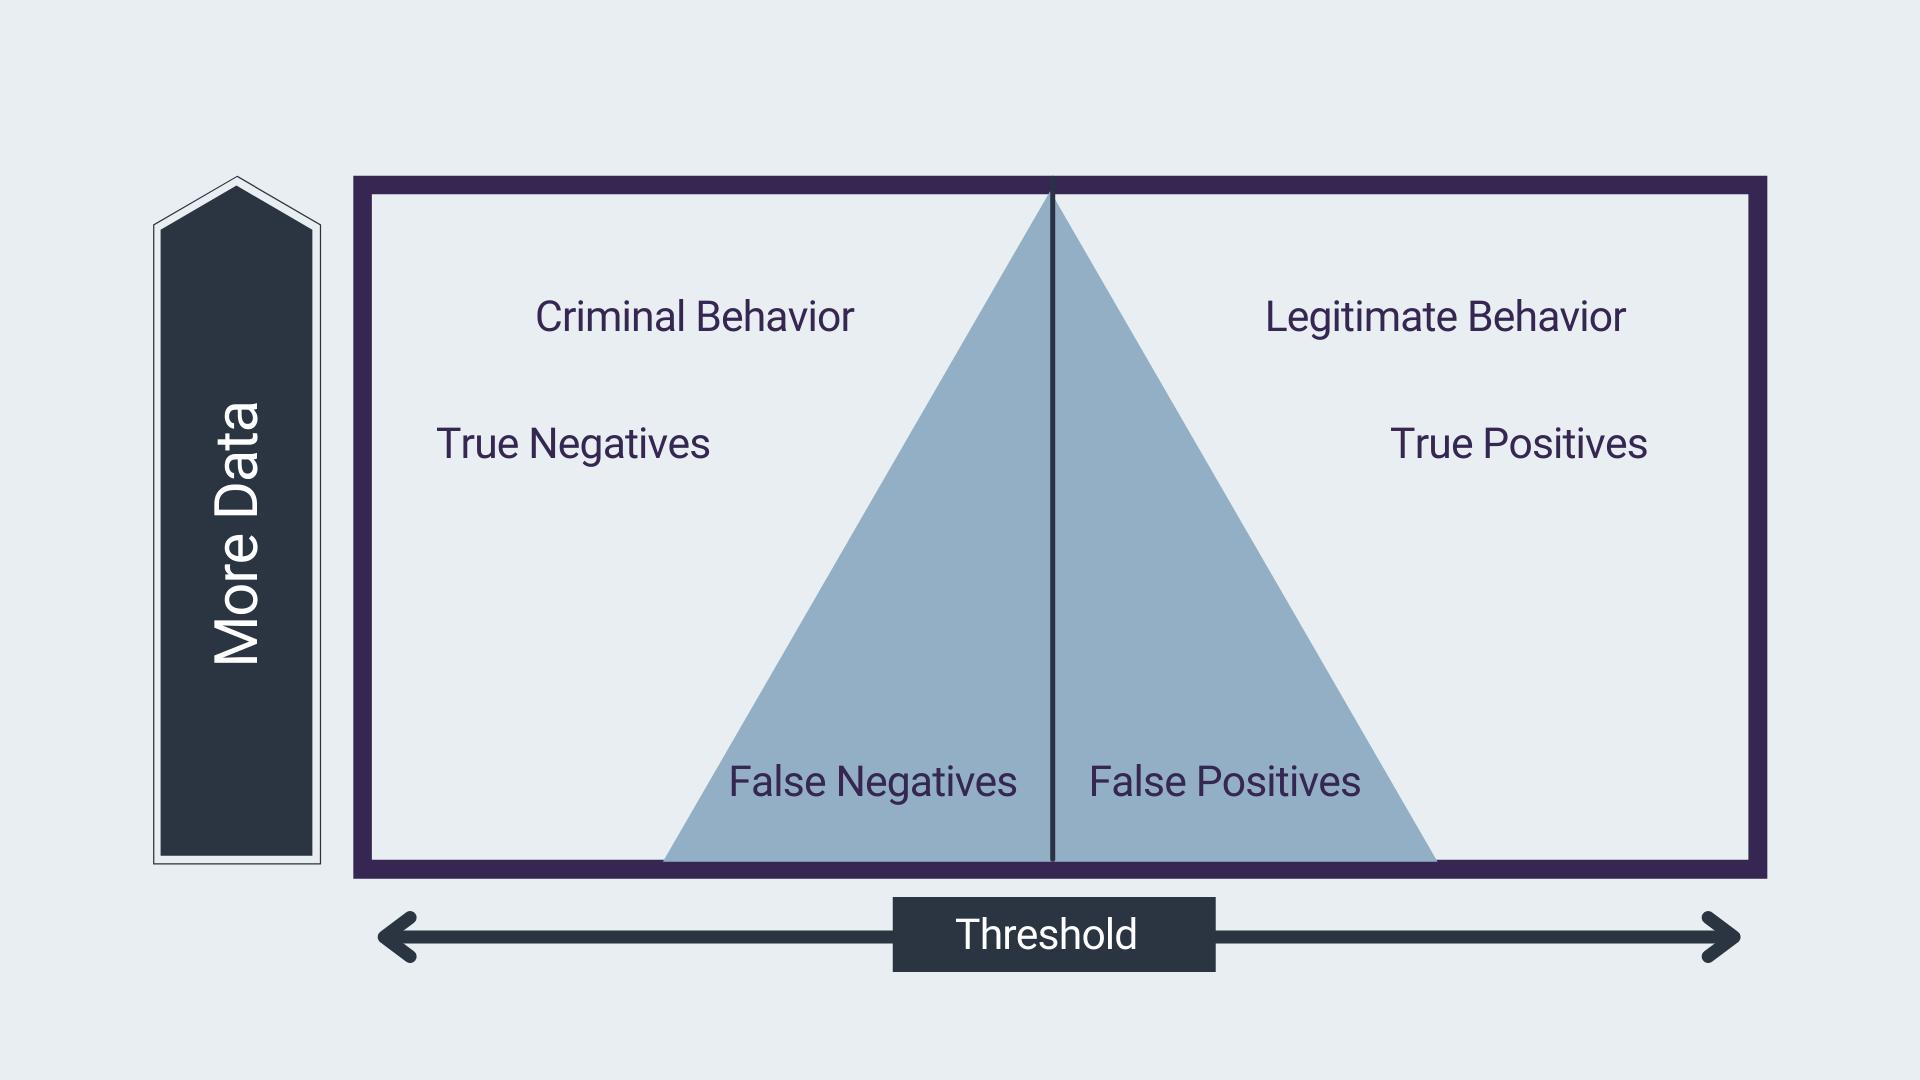 threshold criminal behaviori legitimate behavior anti money laundering true negatives true positives false negatives false positives machine learning in anti-money laundering